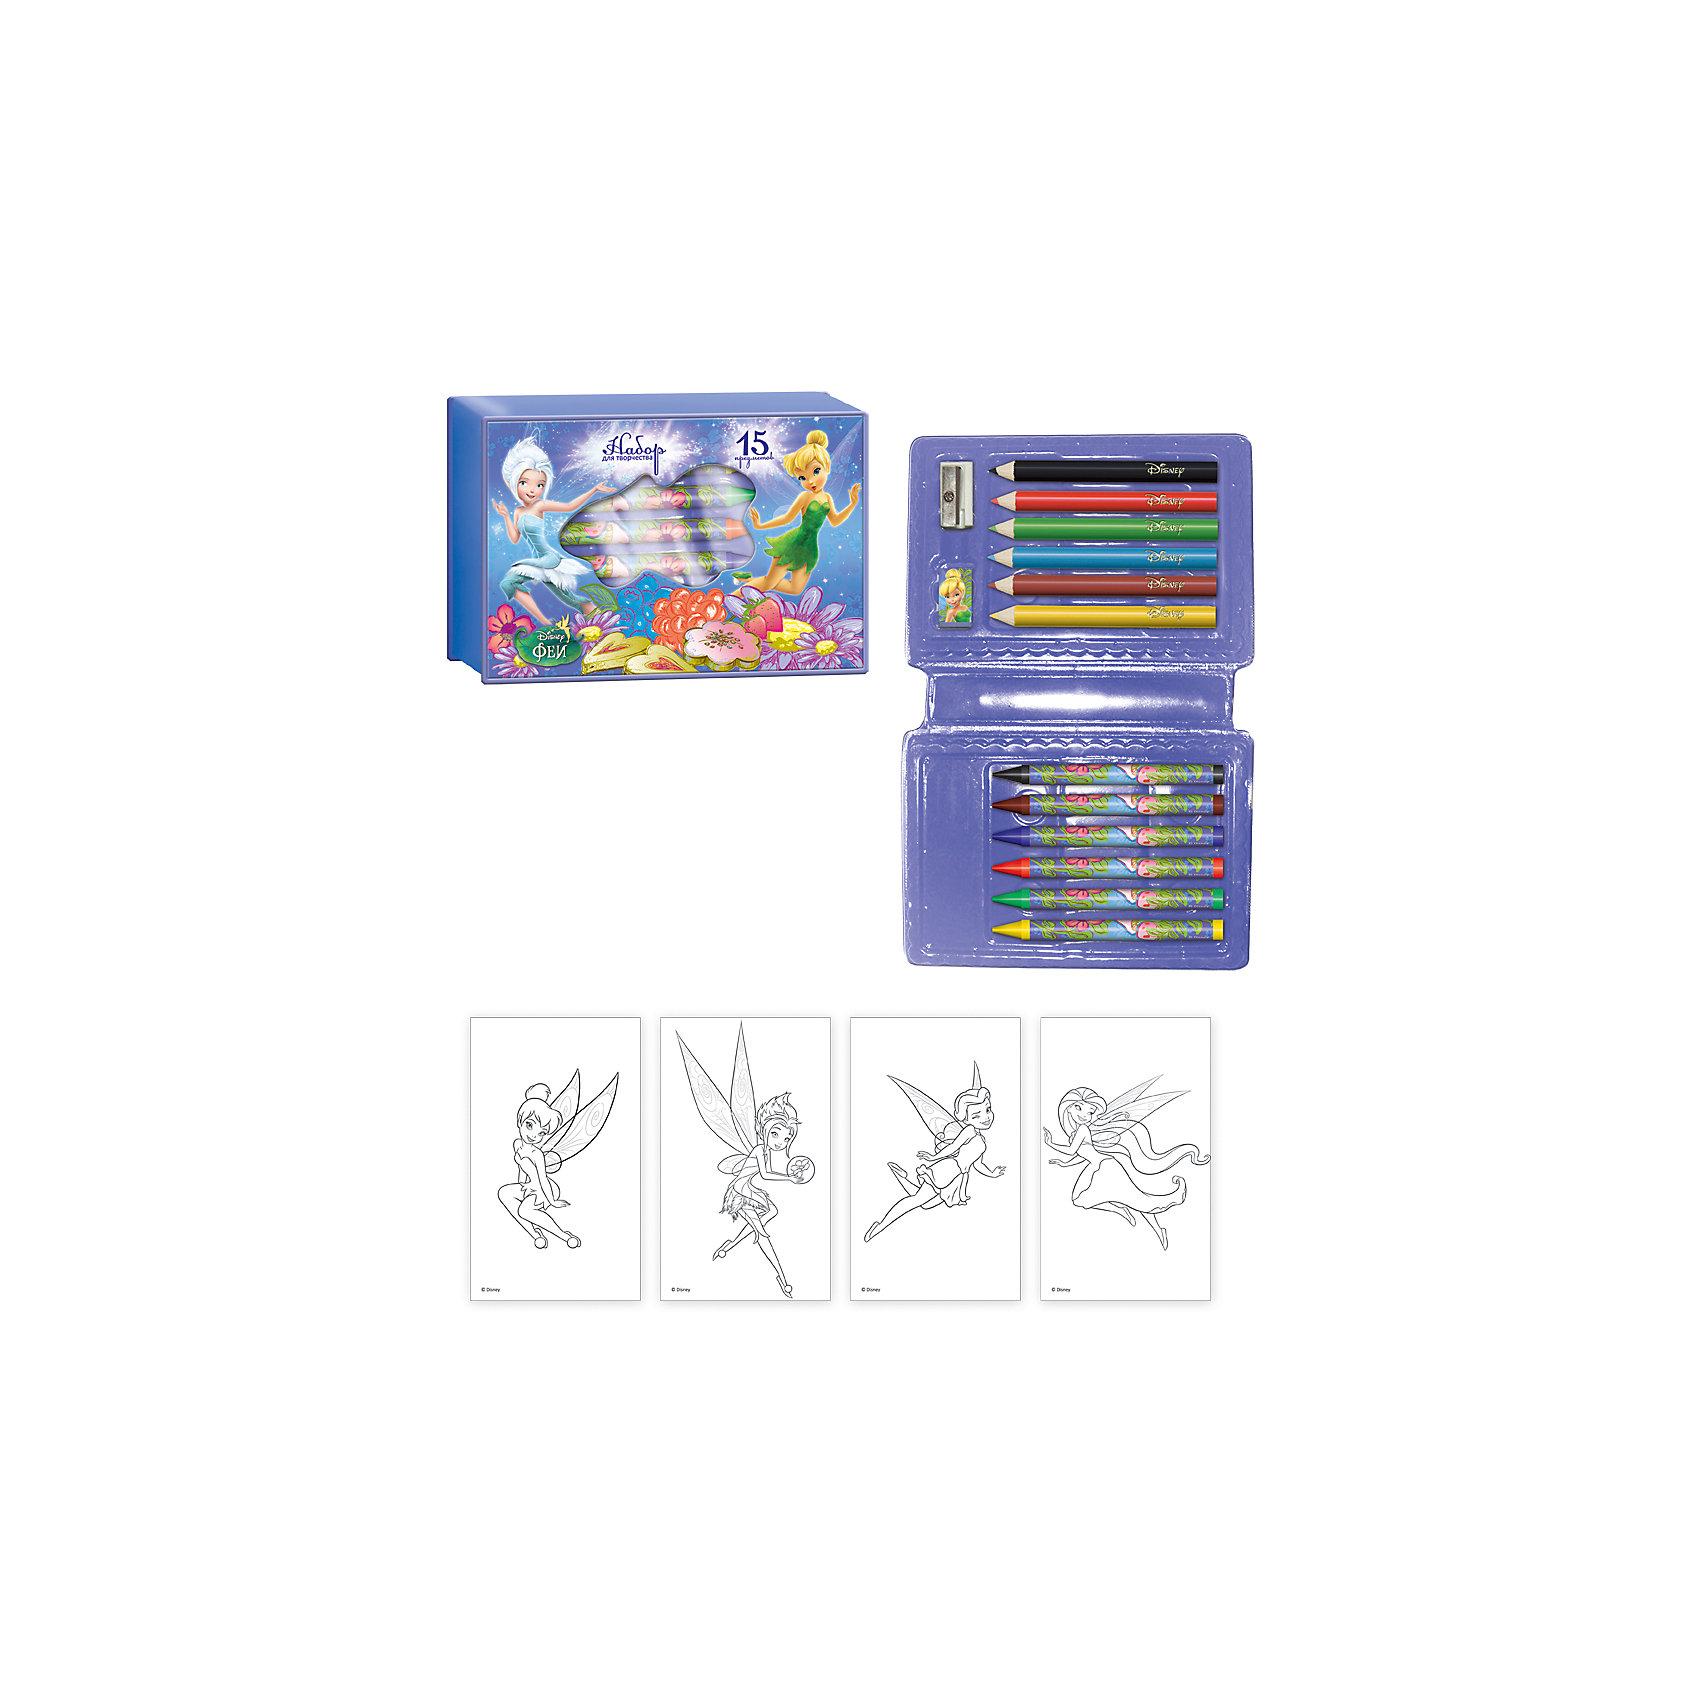 Подарочный набор Феи Дисней 15 предметовШкольные аксессуары<br>Подарочный набор Феи Дисней 15 предметов, Limpopo (Лимпопо)<br><br>Характеристики:<br><br>• яркая подарочная упаковка с изображением любимых героев Дисней<br>• яркие цвета<br>• можно взять с собой в дорогу<br>• в комплекте: 6 карандашей, 6 восковых мелков, точилка, ластик, раскраска<br>• размер упаковки: 9,5х2,5х14 см<br>• вес: 87 грамм<br><br>Что нужно для хорошего настроения? Набор для рисования и волшебные феи Дисней! В набор Феи Дисней входят восковые мелки, карандаши, точилка, ластик и, конечно же, раскраска с любимыми героинями. Набор в компактной упаковке удобно взять с собой в дорогу. Яркая подарочная упаковка обязательно вдохновит ребёнка на новые рисунки!<br><br>Подарочный набор Феи Дисней 15 предметов, Limpopo (Лимпопо) вы можете купить в нашем интернет-магазине.<br><br>Ширина мм: 140<br>Глубина мм: 25<br>Высота мм: 95<br>Вес г: 87<br>Возраст от месяцев: 48<br>Возраст до месяцев: 144<br>Пол: Женский<br>Возраст: Детский<br>SKU: 5390300